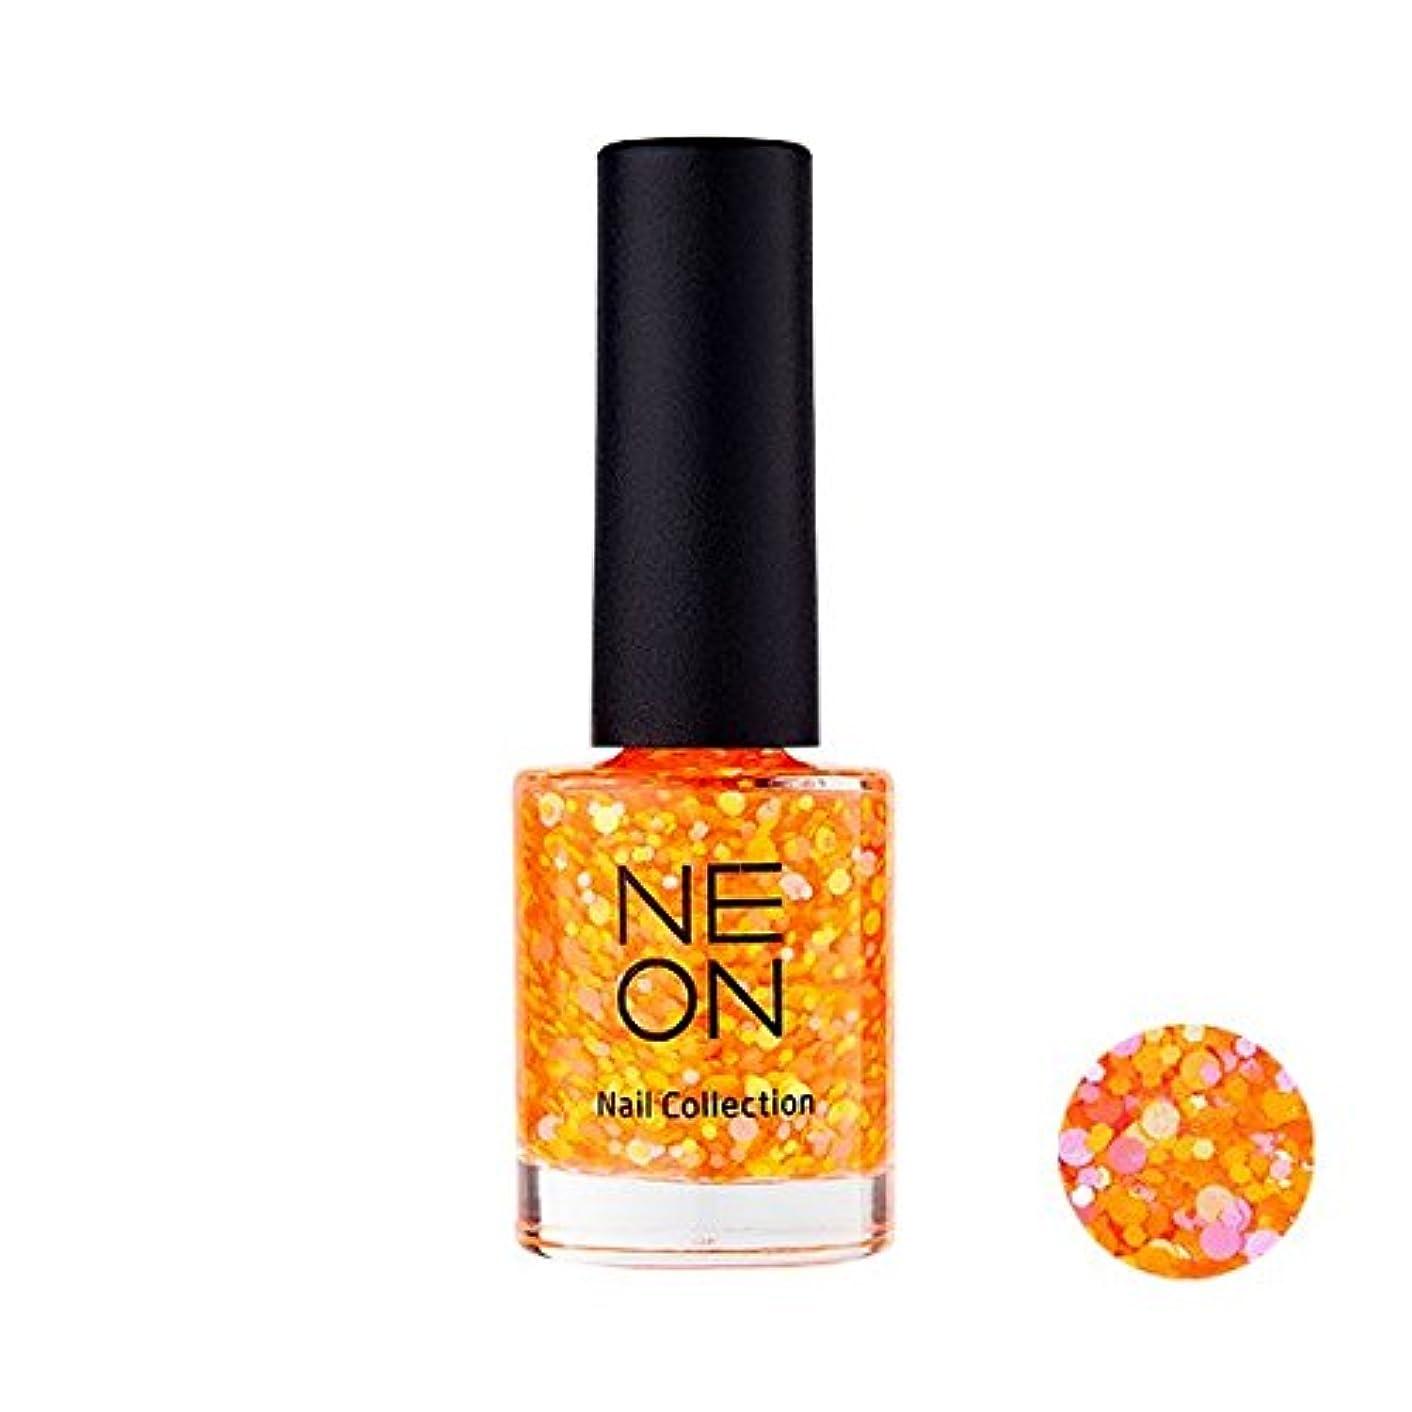 フォージ描くレタスIt'S SKIN Neon nail collection [03 Neon Glitter Orange] イッツスキン ネオンネイルコレクション [03 ネオン グリッター オレンジ] [並行輸入品]